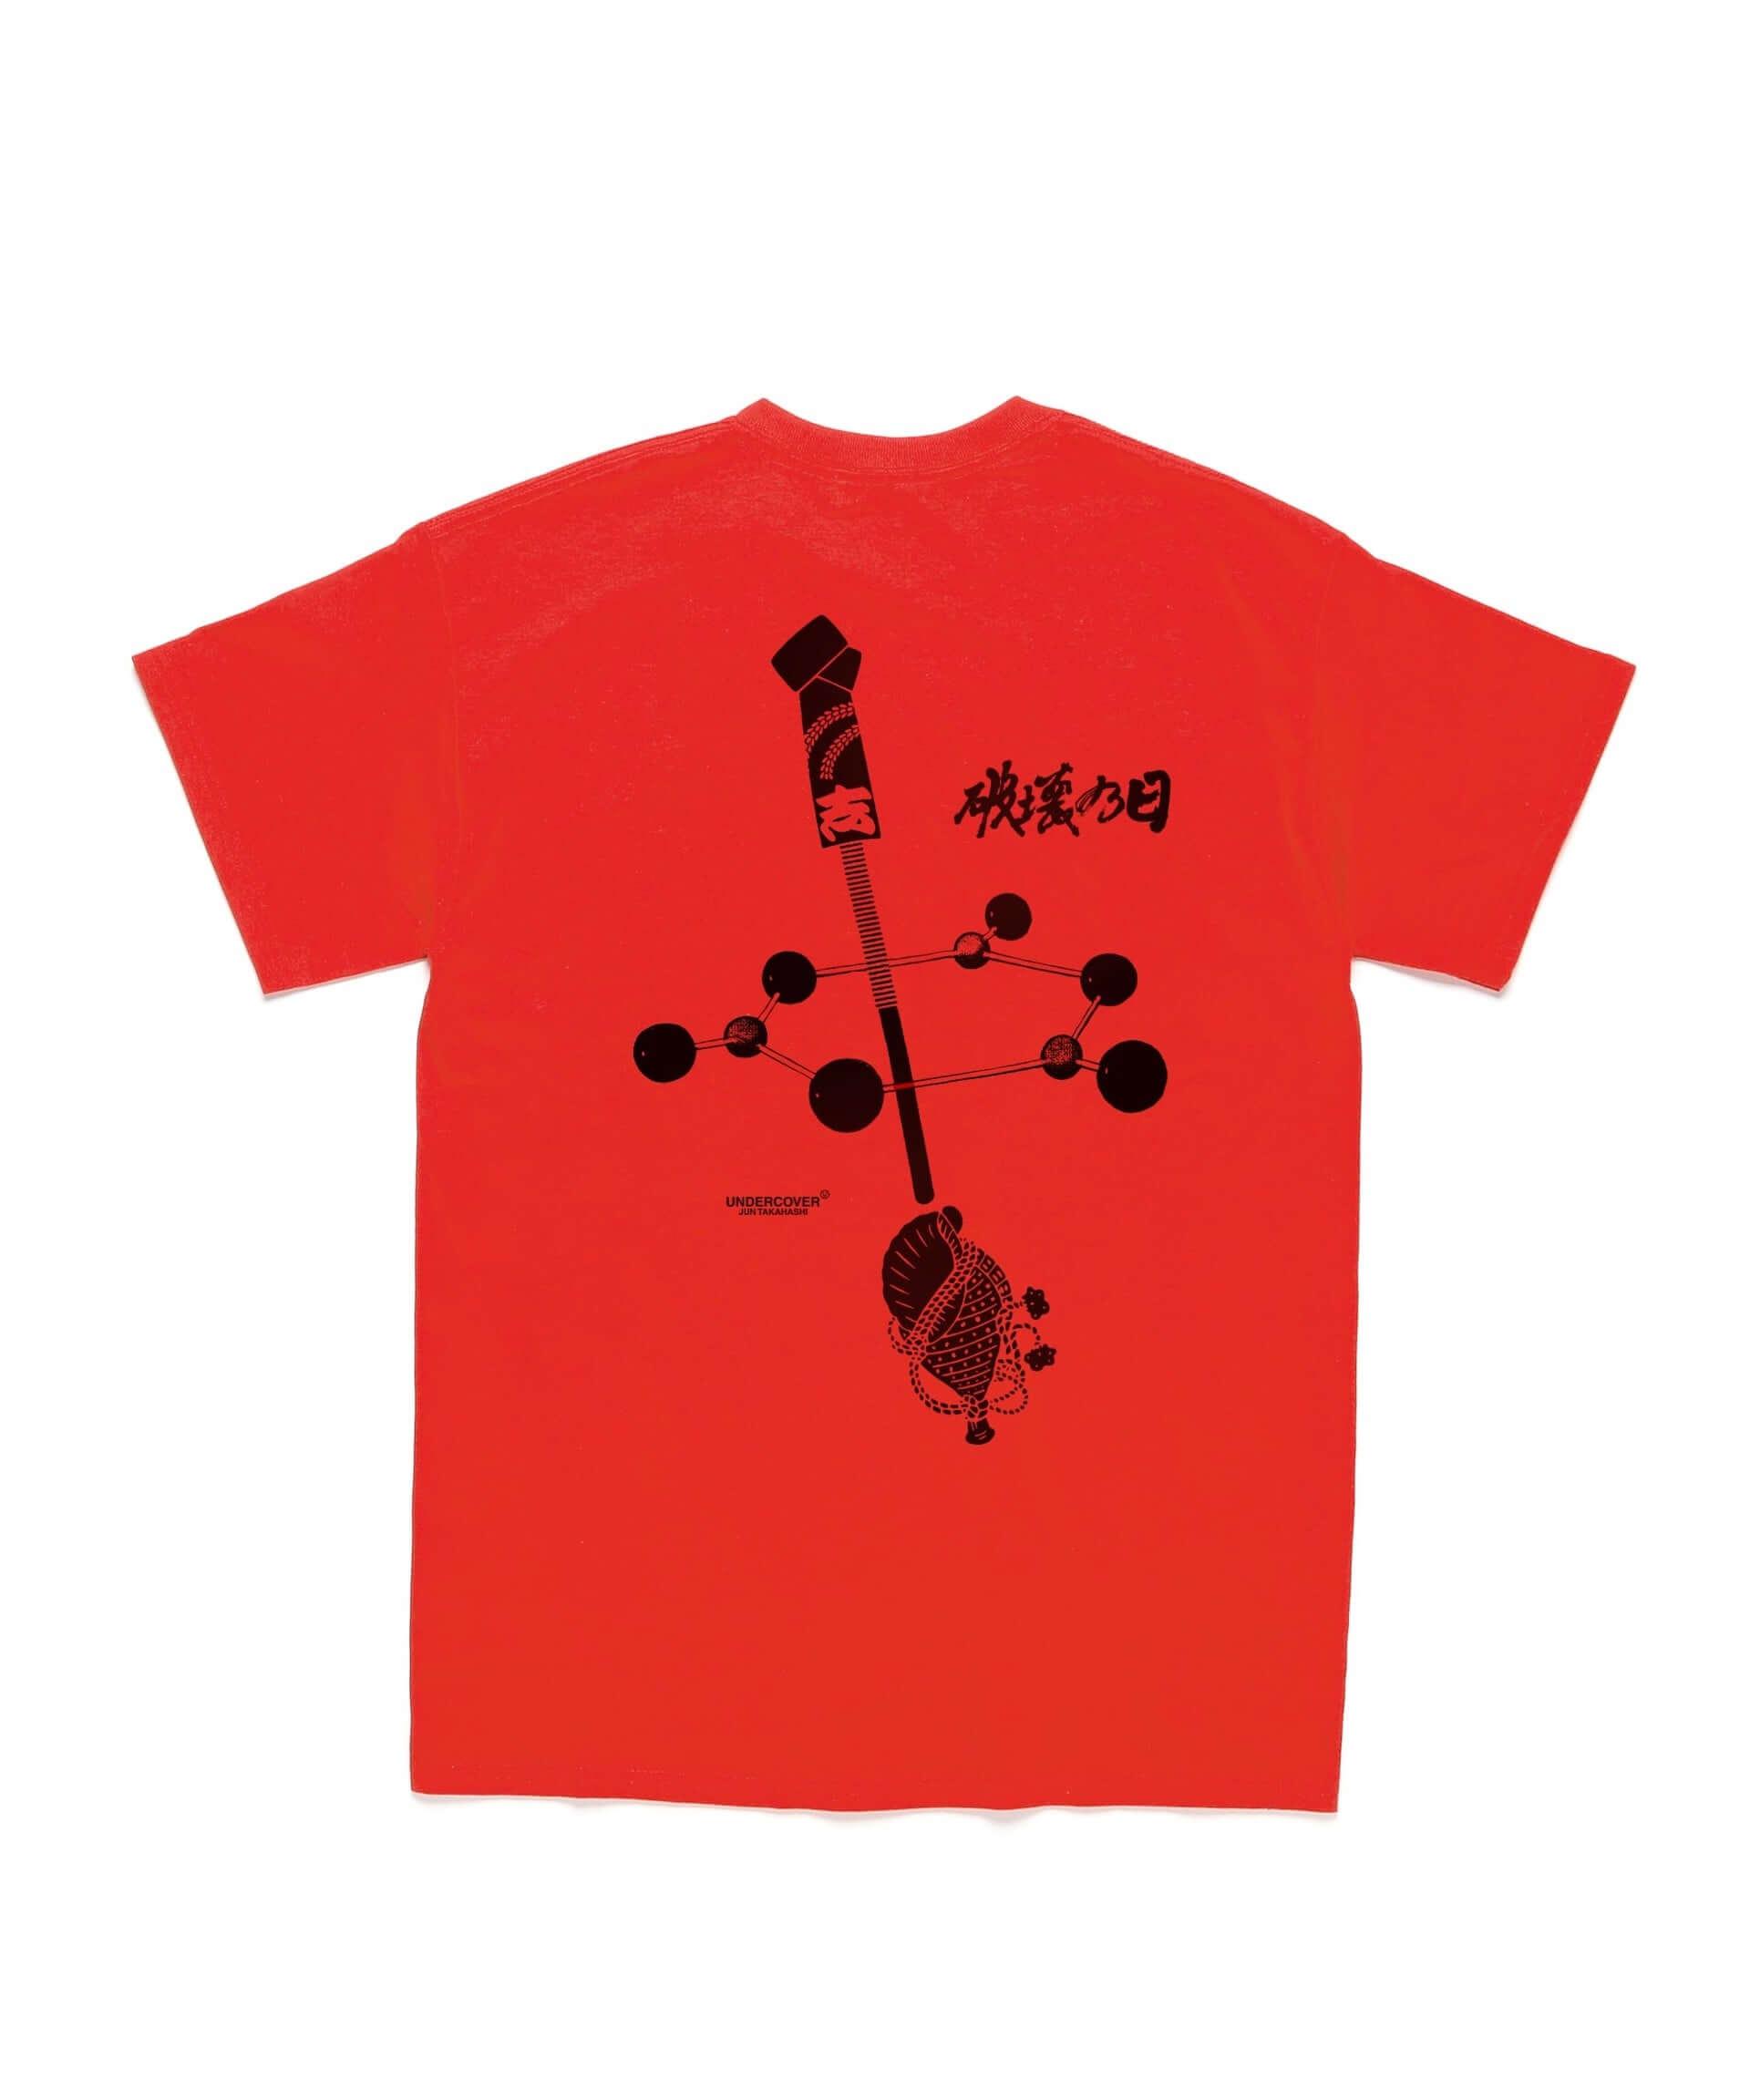 松田龍平、GEZANマヒトら出演映画『破壊の日』とUNDERCOVERのコラボTシャツが発売決定!収益は映画製作支援に lifefashion_hakainohi_1-1920x2304